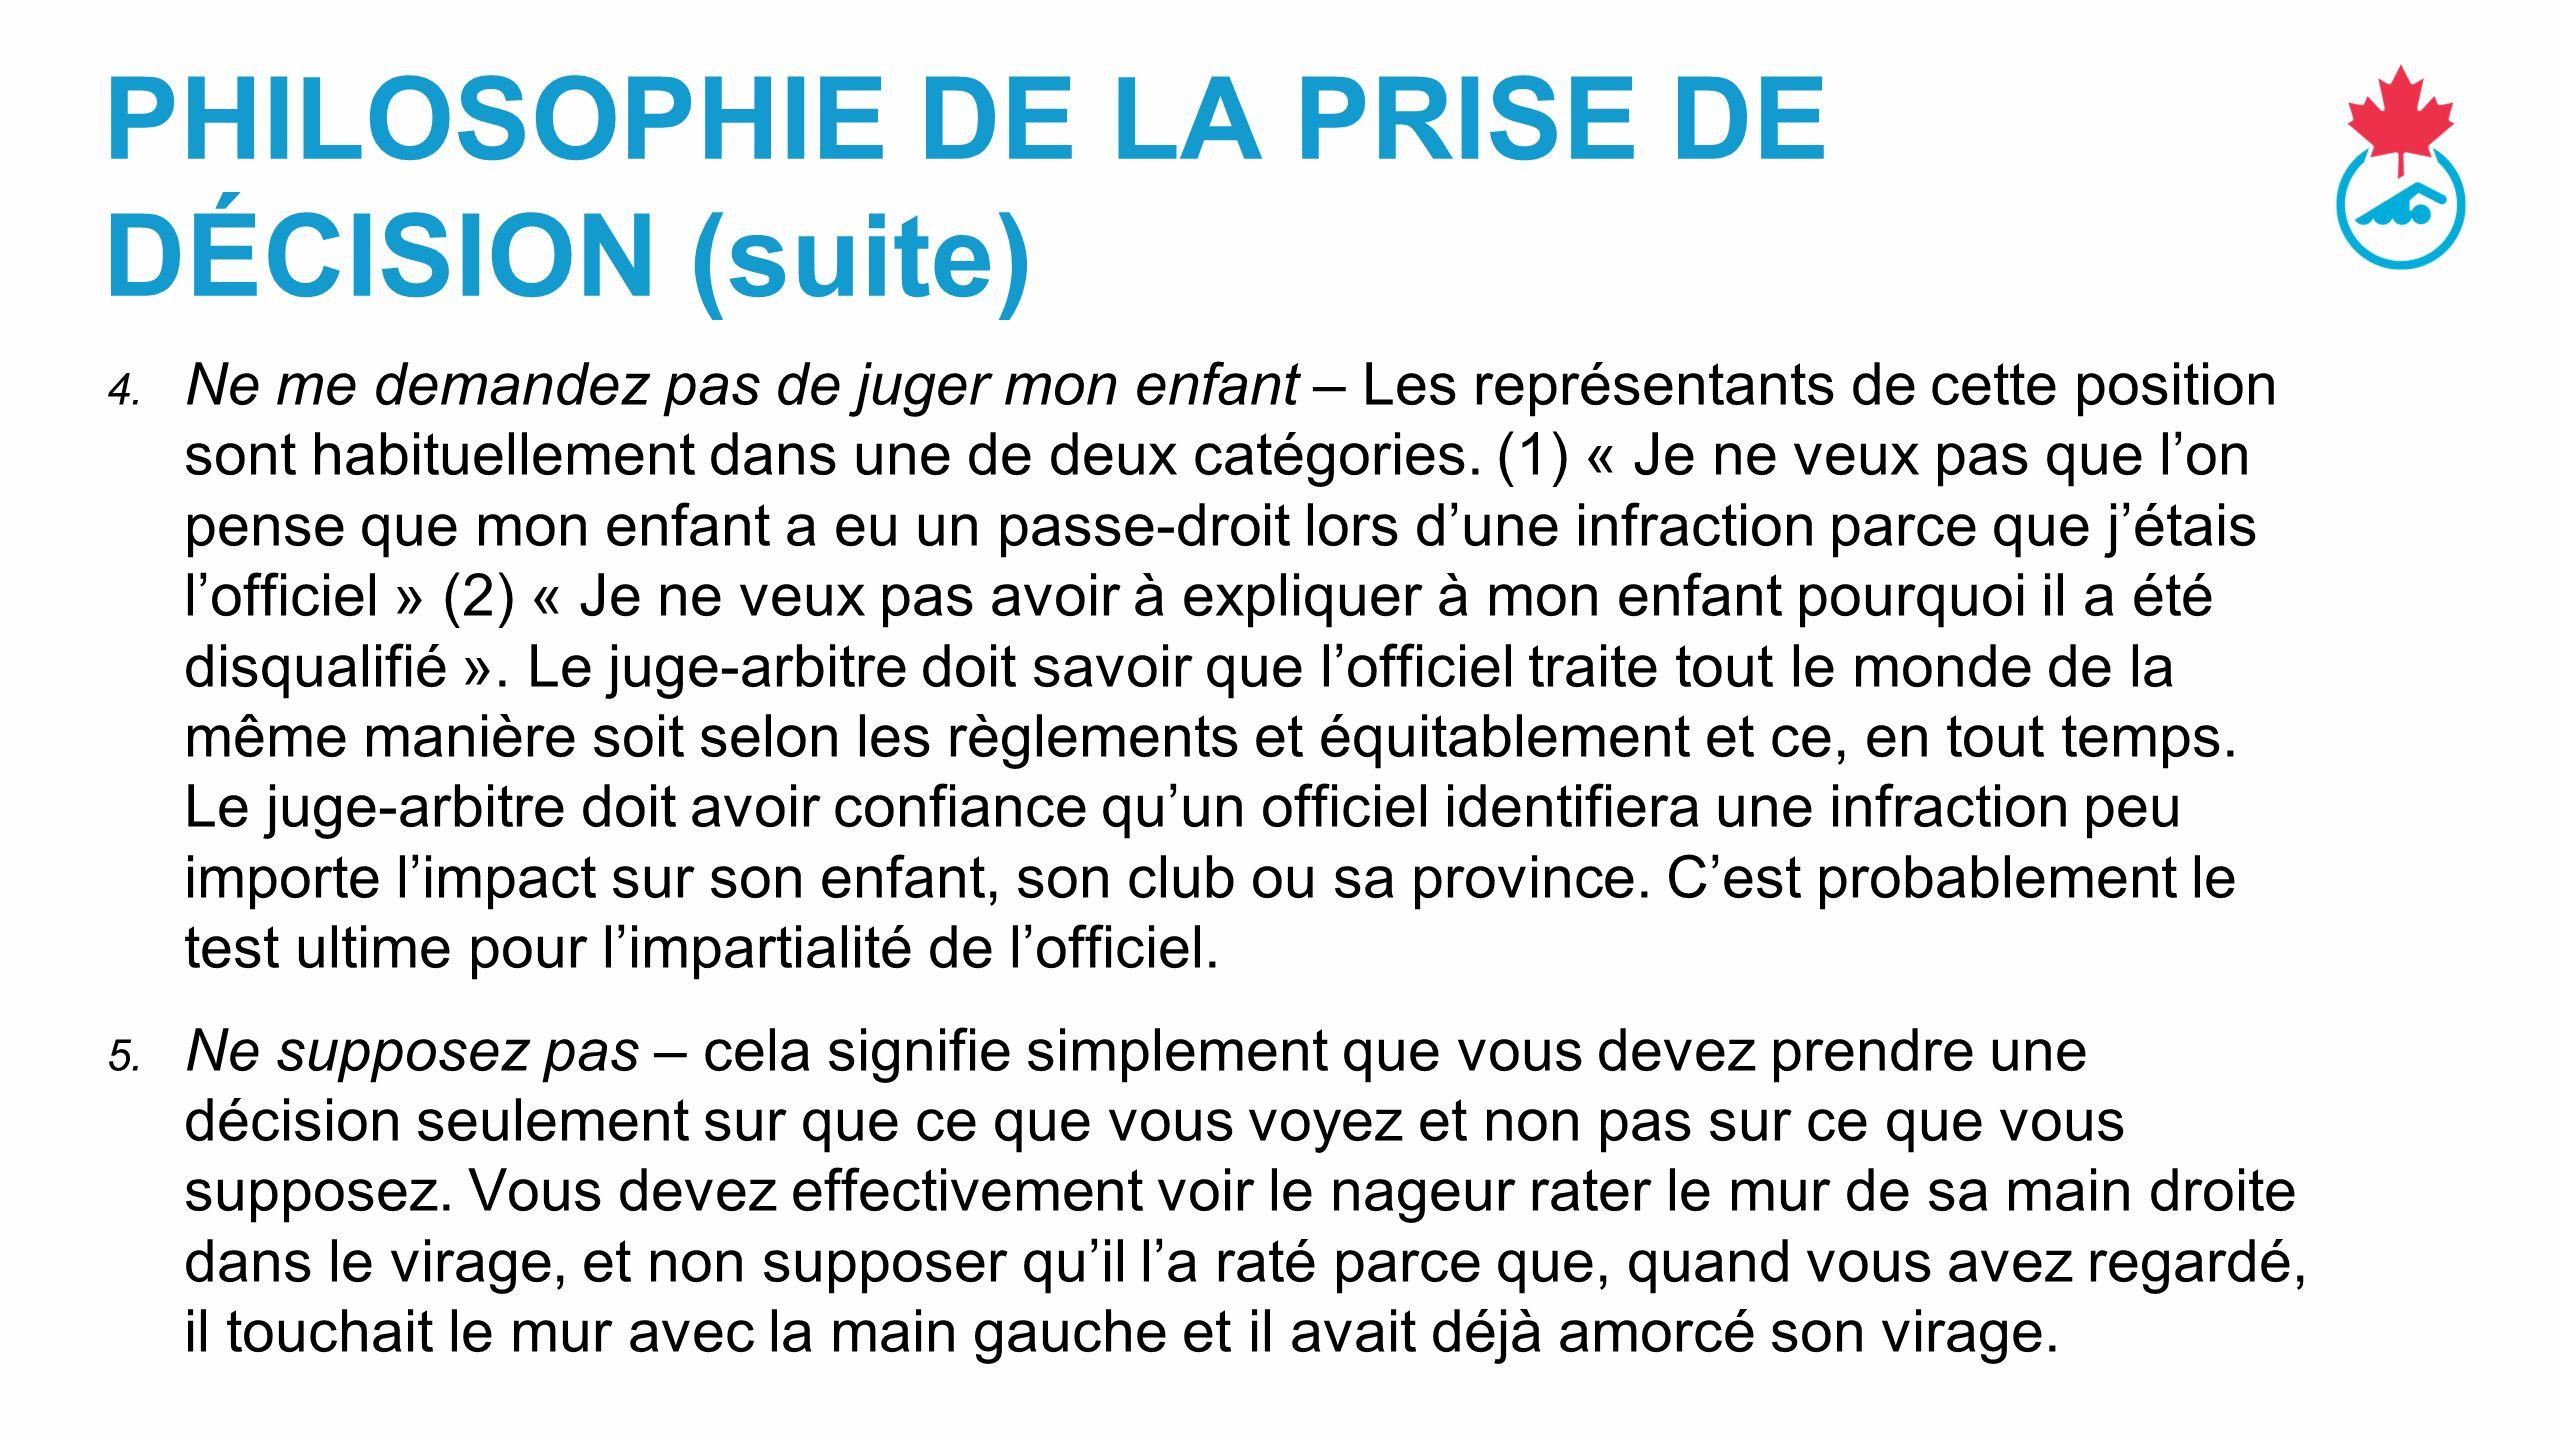 PHILOSOPHIE DE LA PRISE DE DÉCISION (suite)